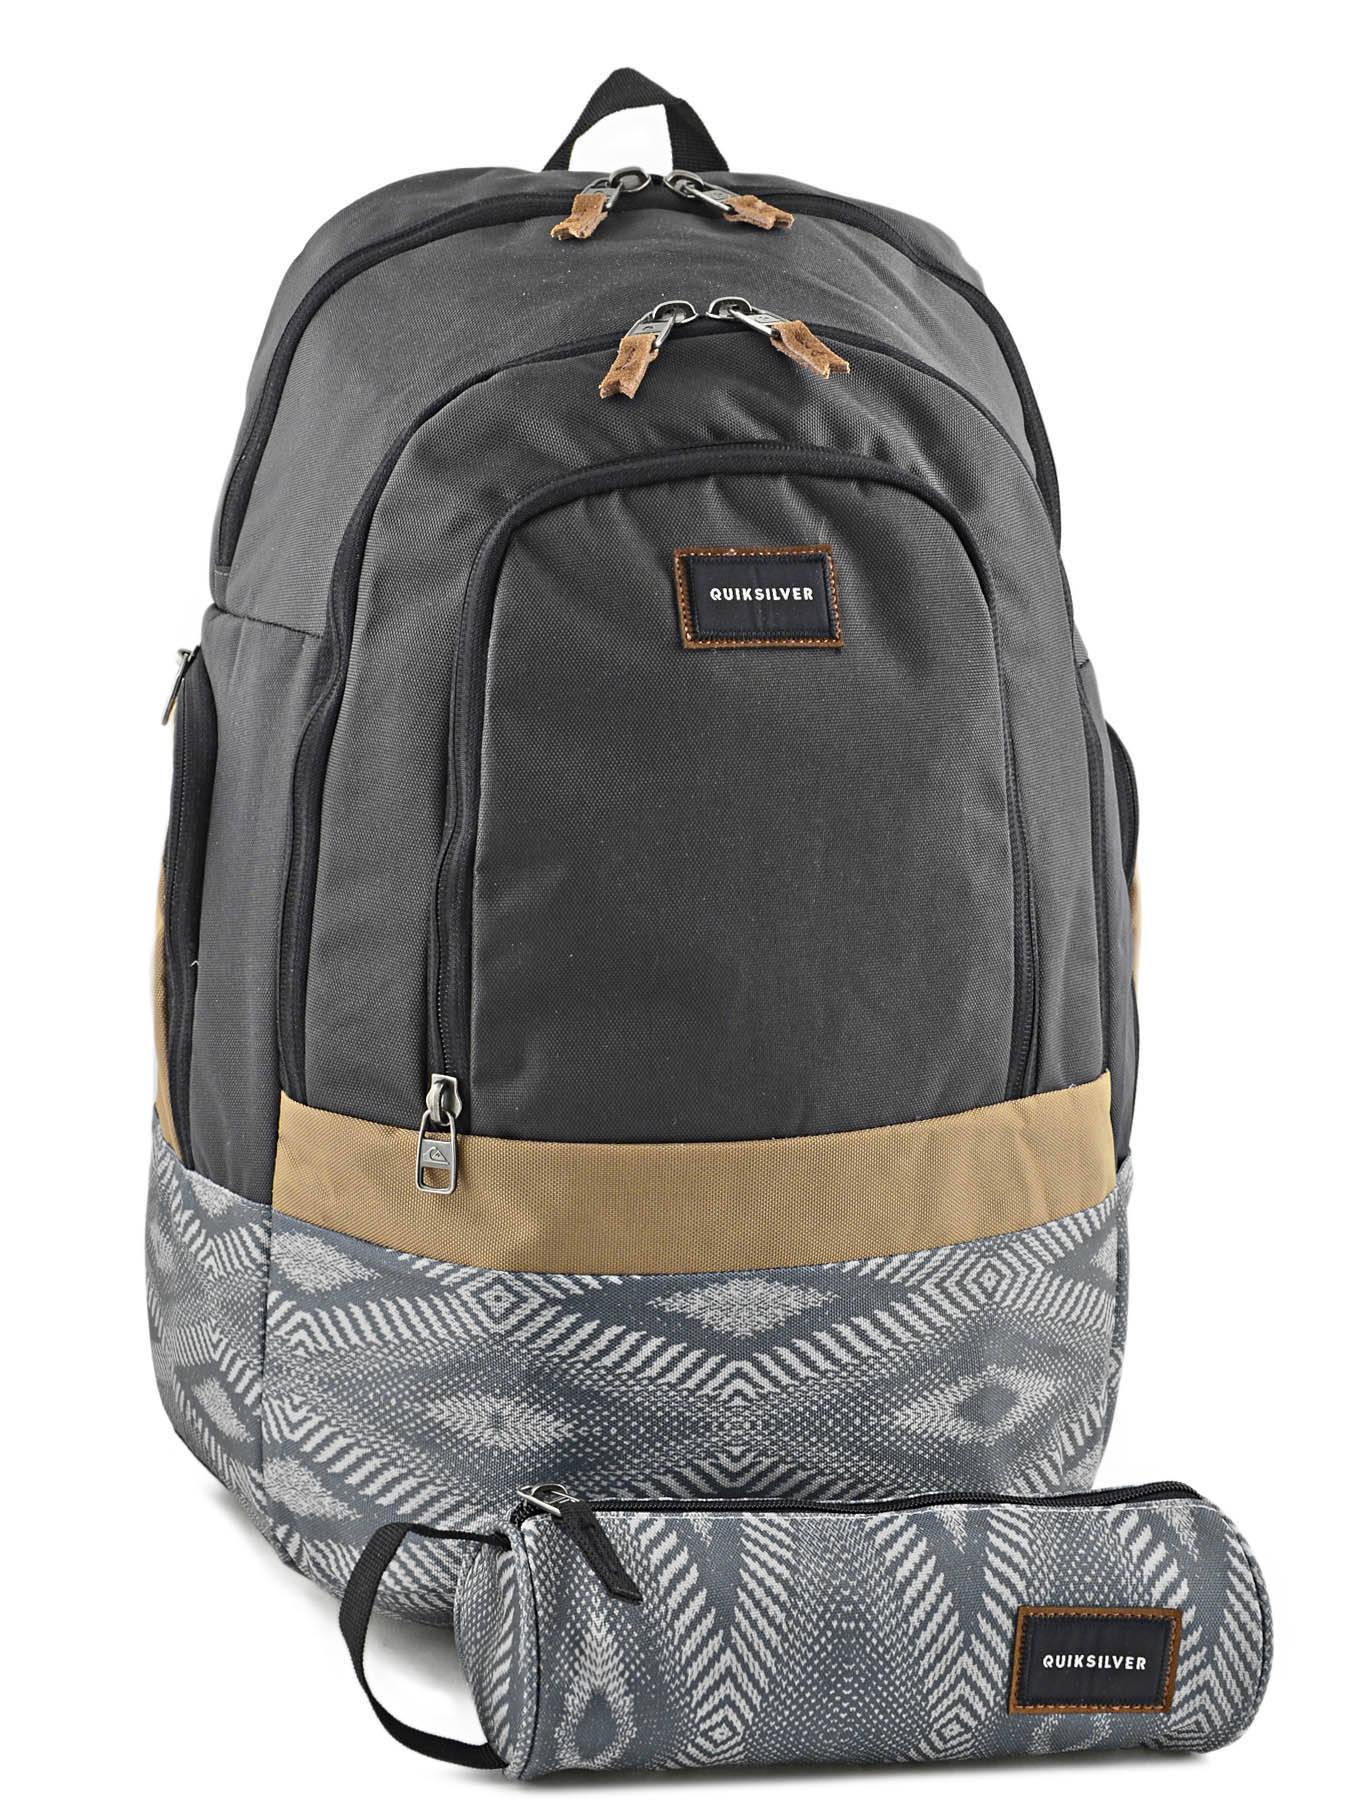 sac dos quiksilver back to school dreamweaver elm en vente au meilleur prix. Black Bedroom Furniture Sets. Home Design Ideas